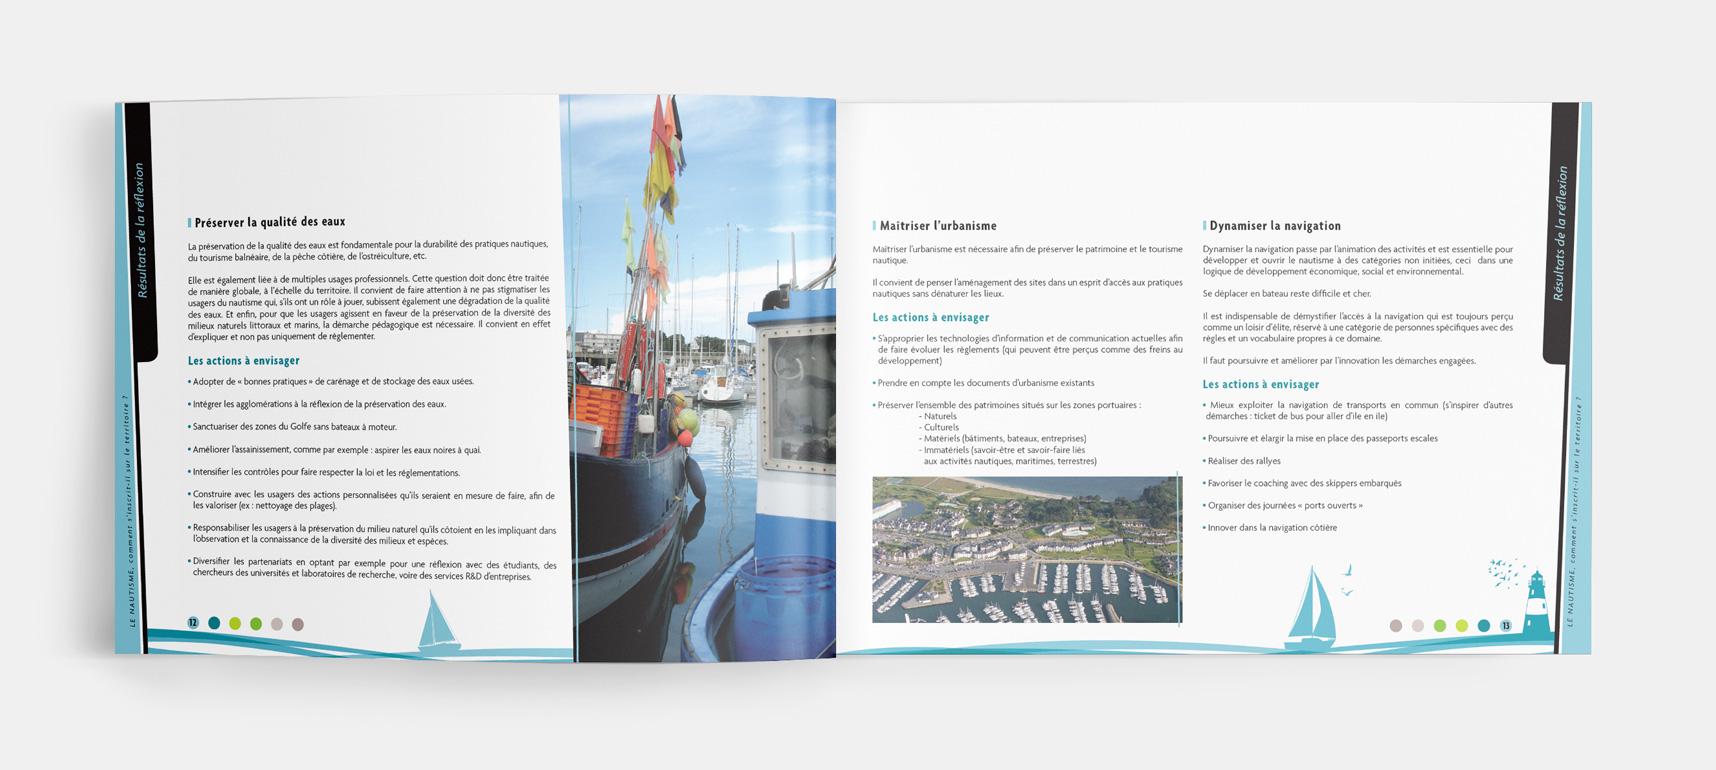 IZATIS_PAYS_DE_VANNES_brochure_nautisme_pages_interieures